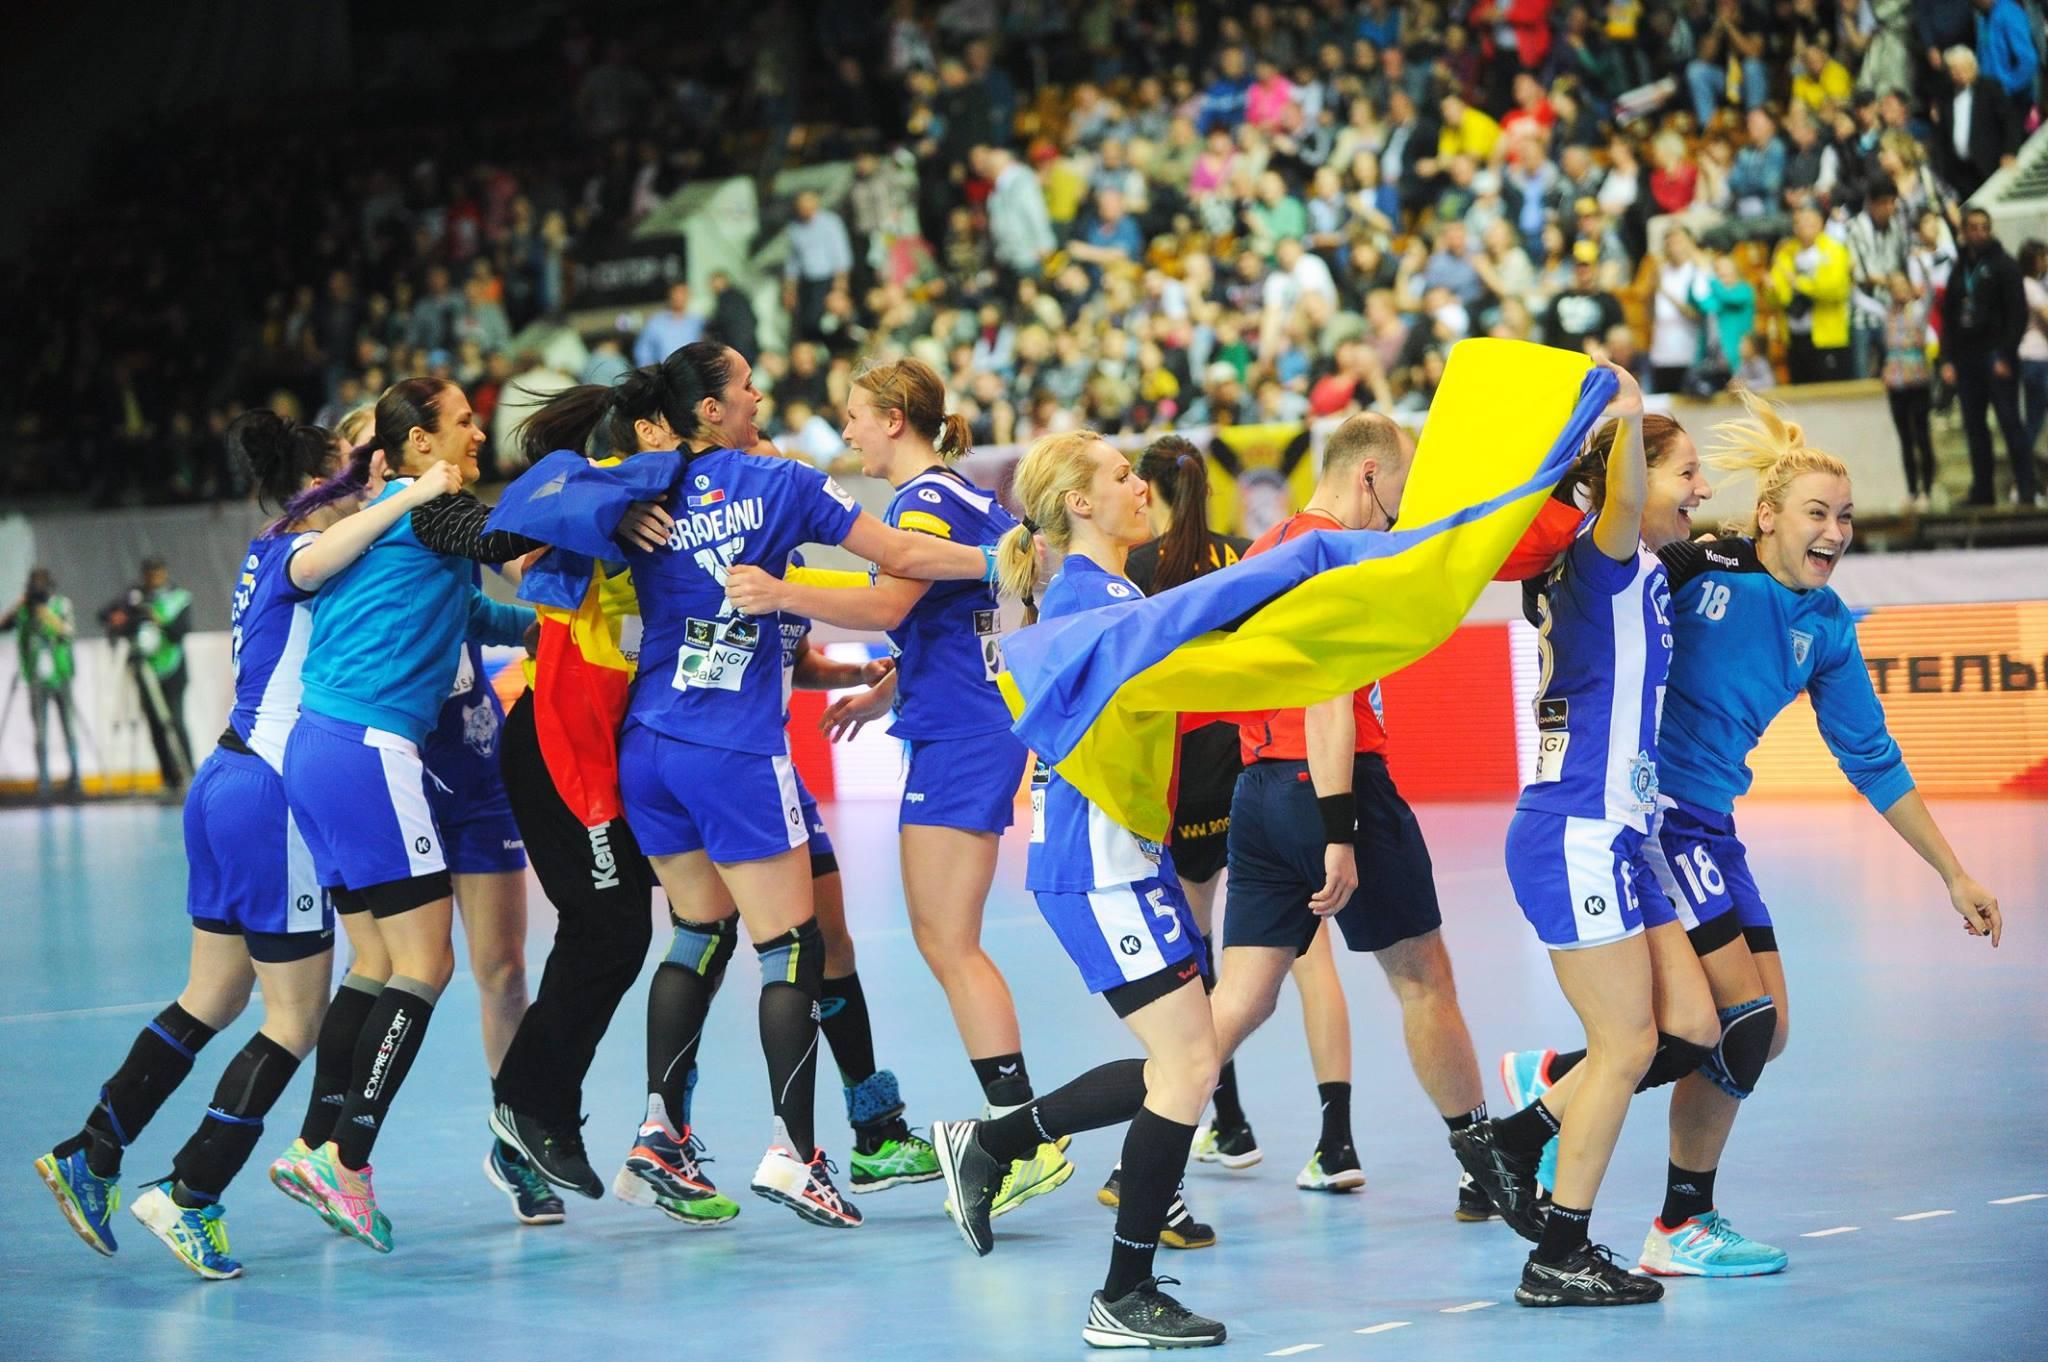 Multele straniere ale CSM-ului se îmbrățișează cu steagul României și cu cele câteva românce din lot.